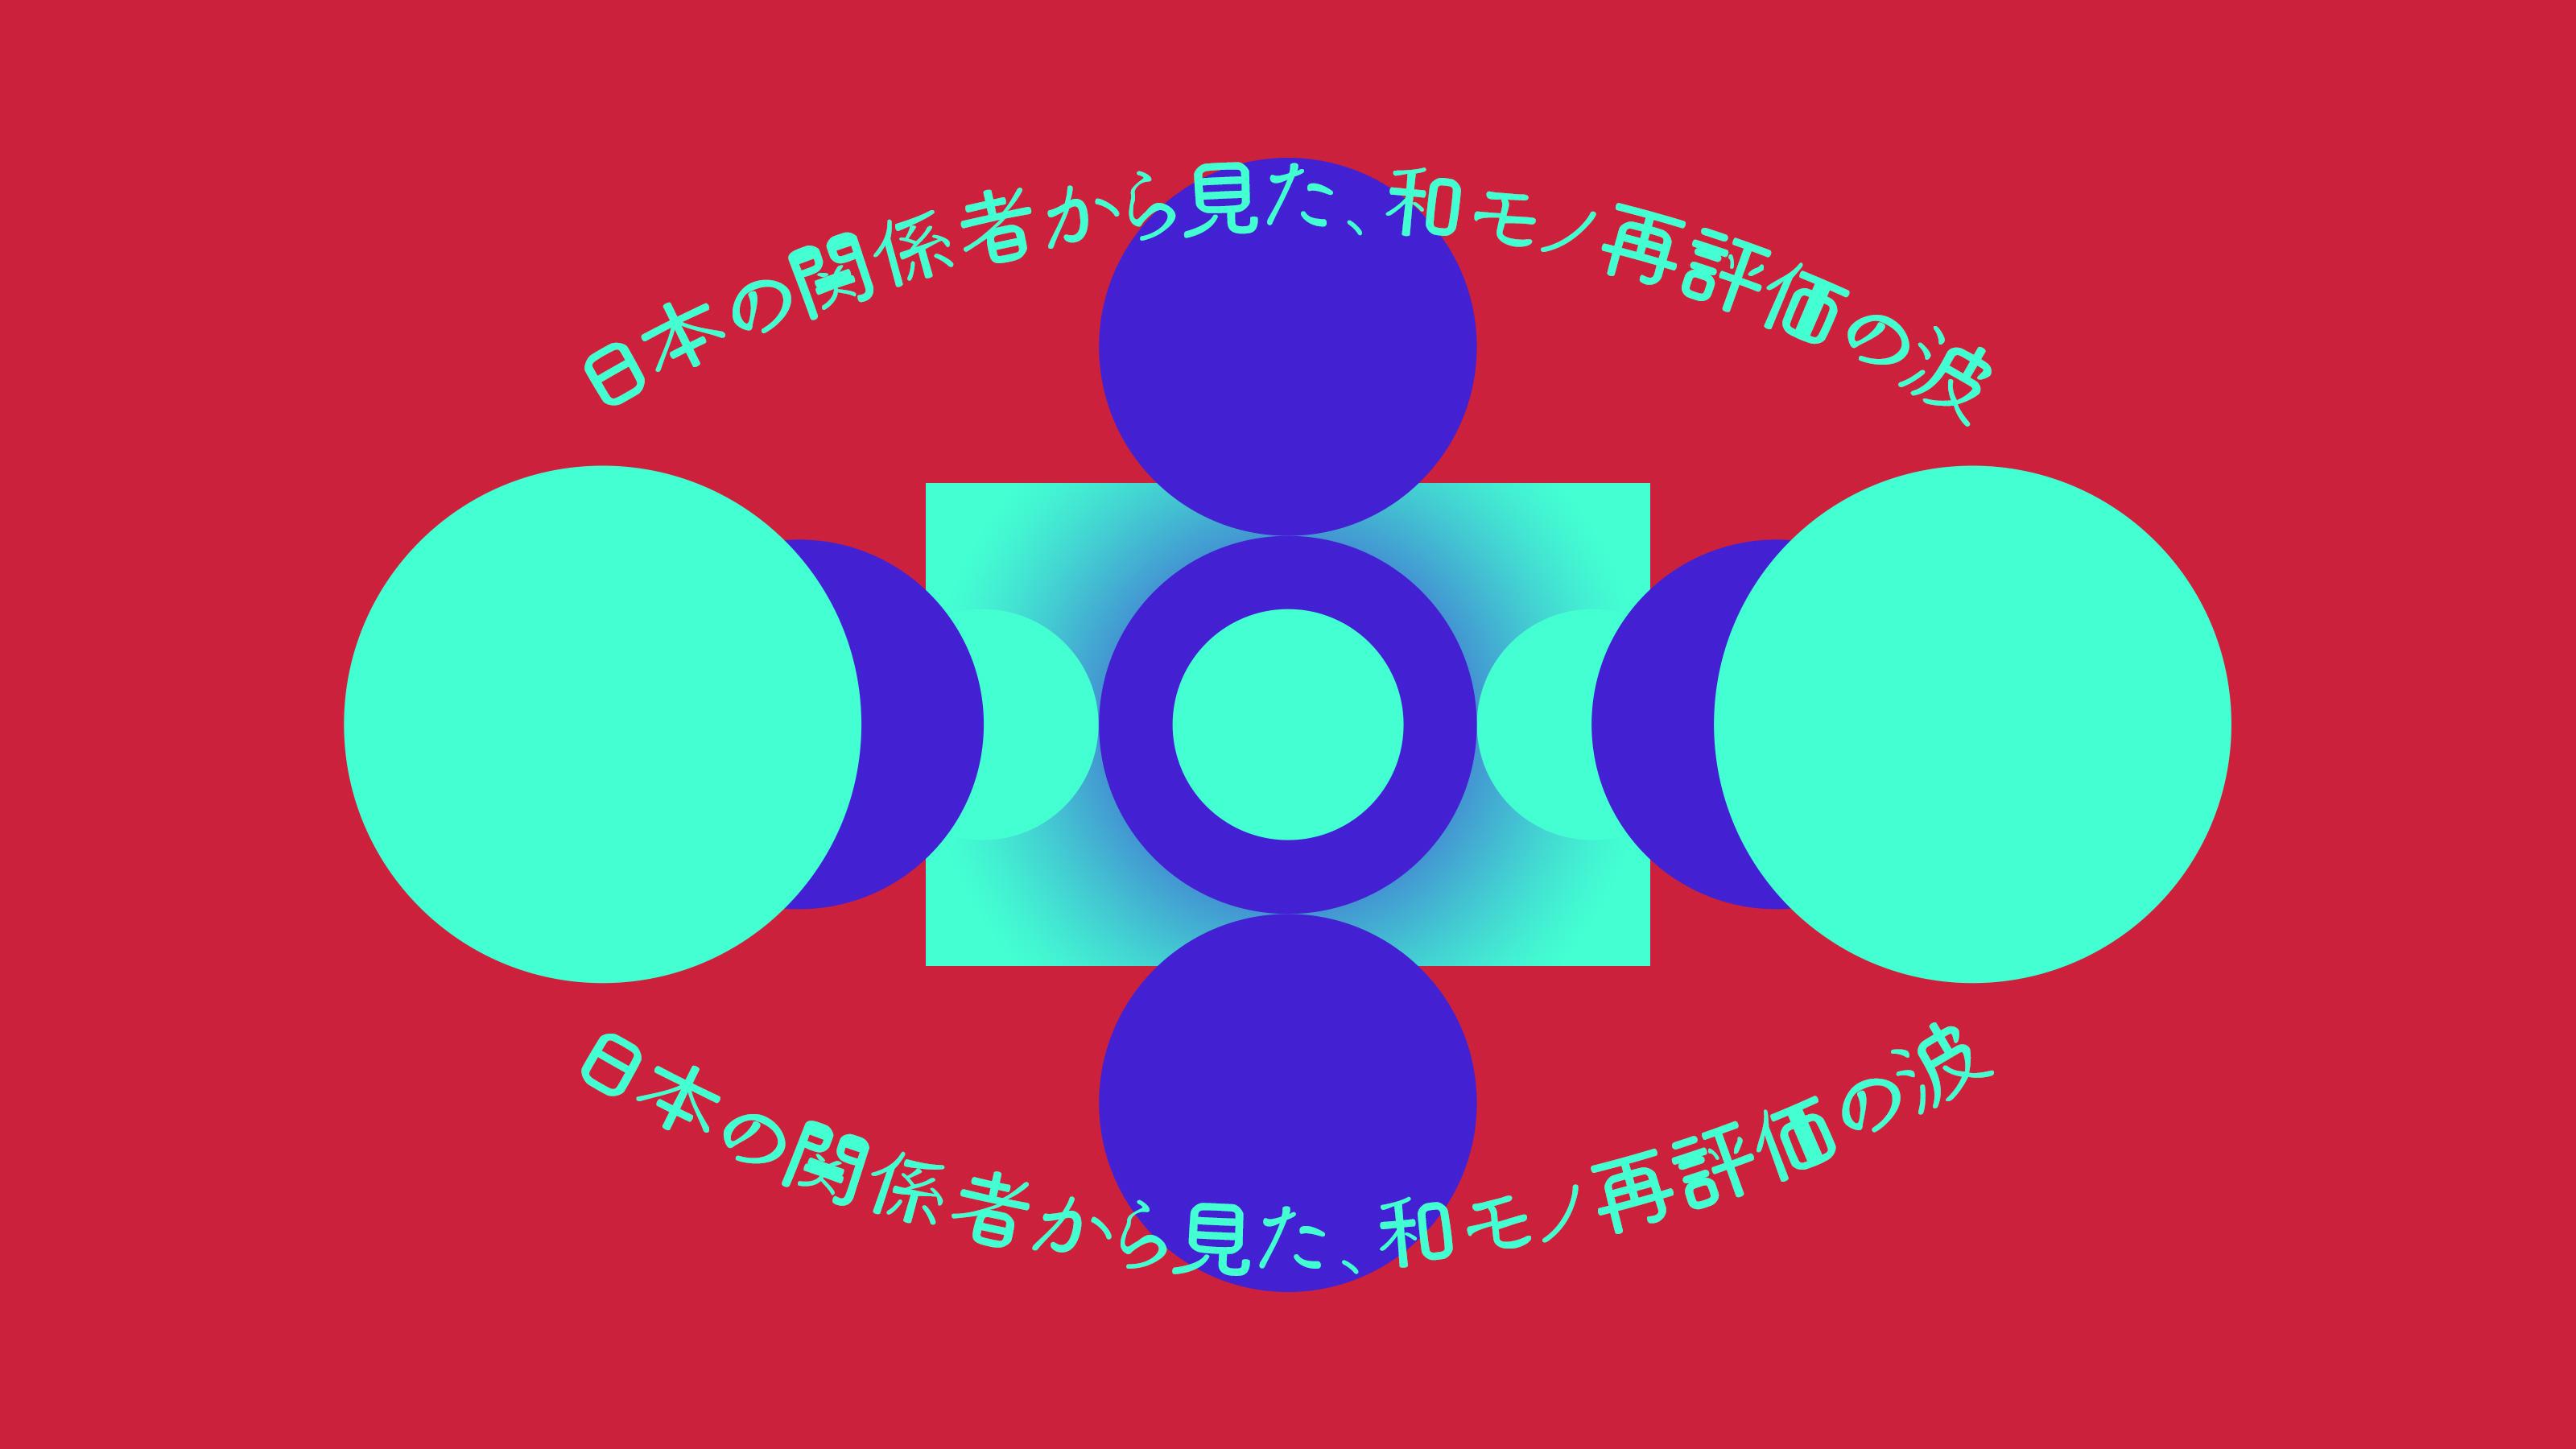 日本の関係者から見た、和モノ再評価の波